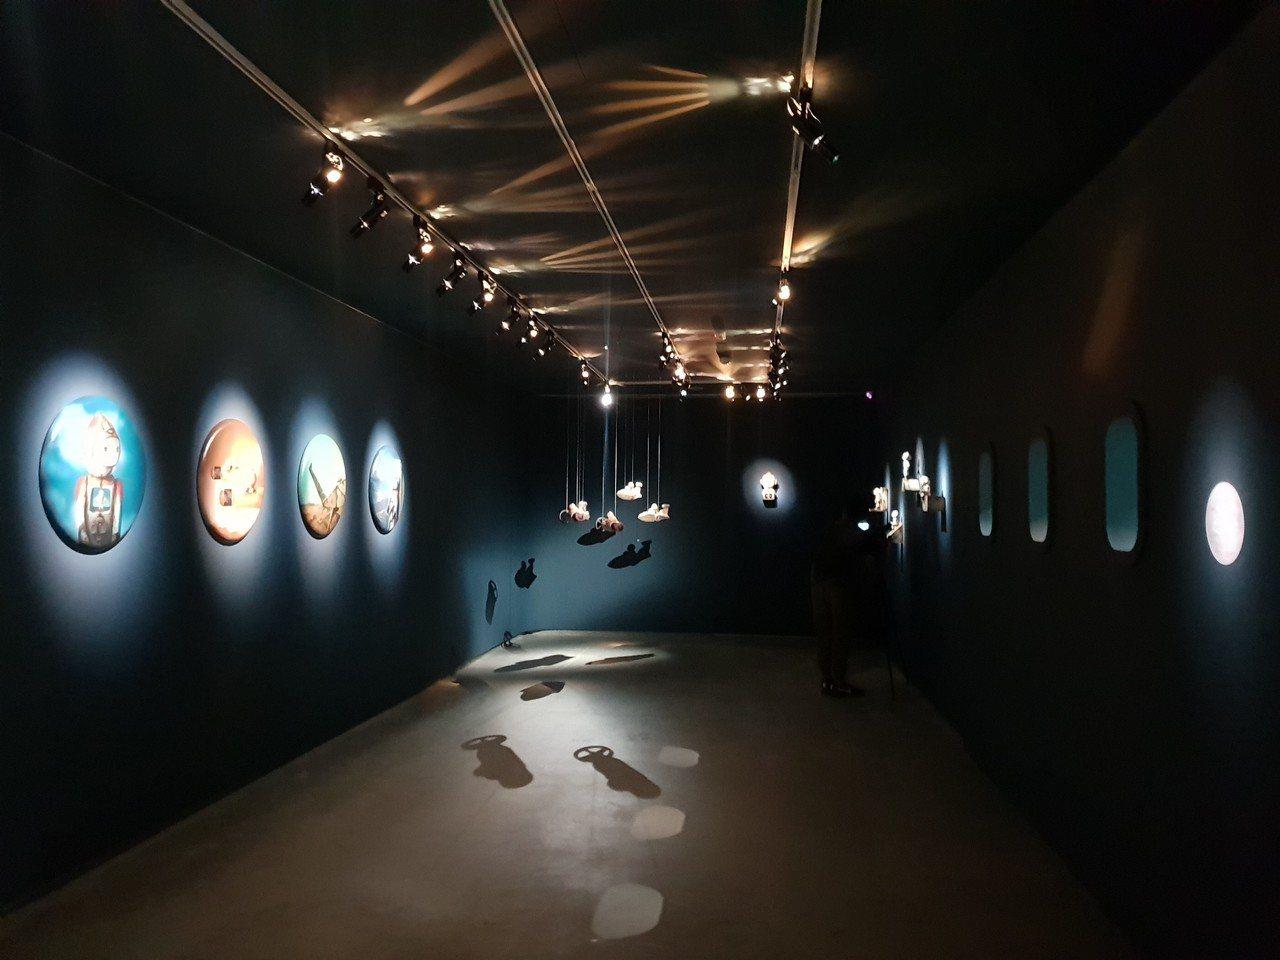 毓繡美術館「帶我去月球」將展間打造成太空艙,藝術家唐唐用陶土、釉鐵等捏製太空男孩...